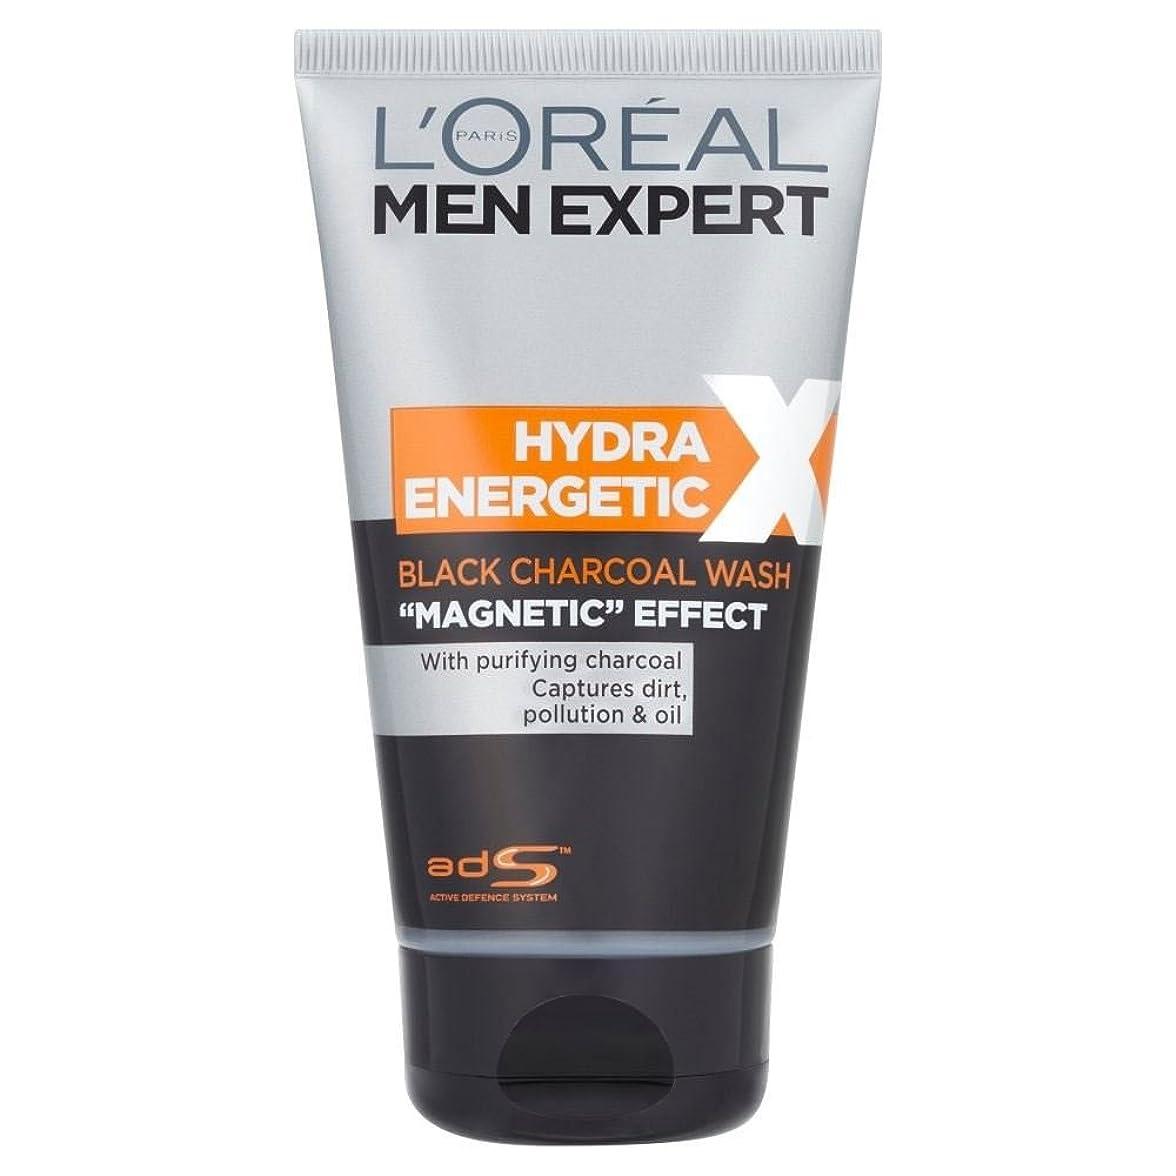 隣人解説リールL'Oreal Paris Men Expert Hydra Energetic Daily Purifying Wash (150ml) L'オラ?アルパリのメンズ専門ヒドラエネルギッシュな毎日の浄化洗浄( 150ミリリットル)